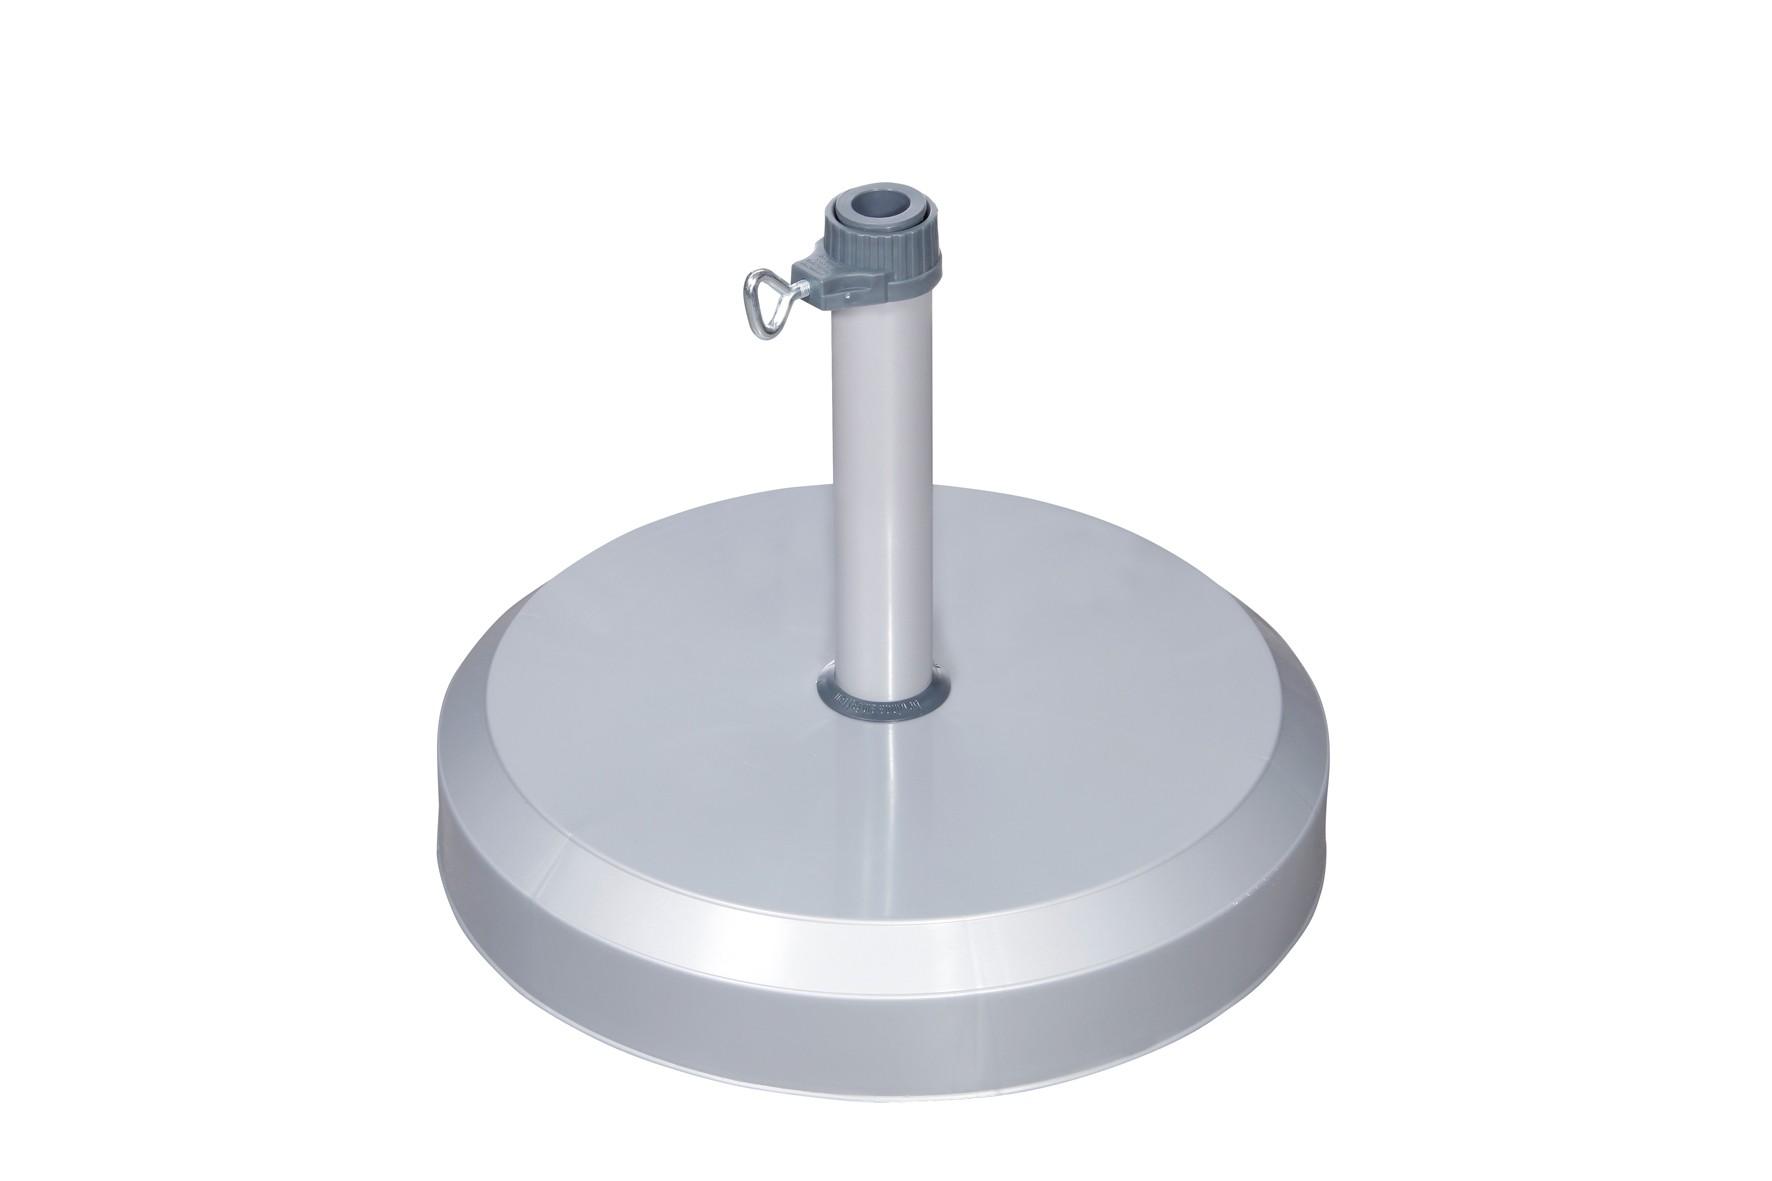 Doppler Sonnenschirmständer Betonsockel 25kg silber Rohr-Ø 19-25mm Bild 1